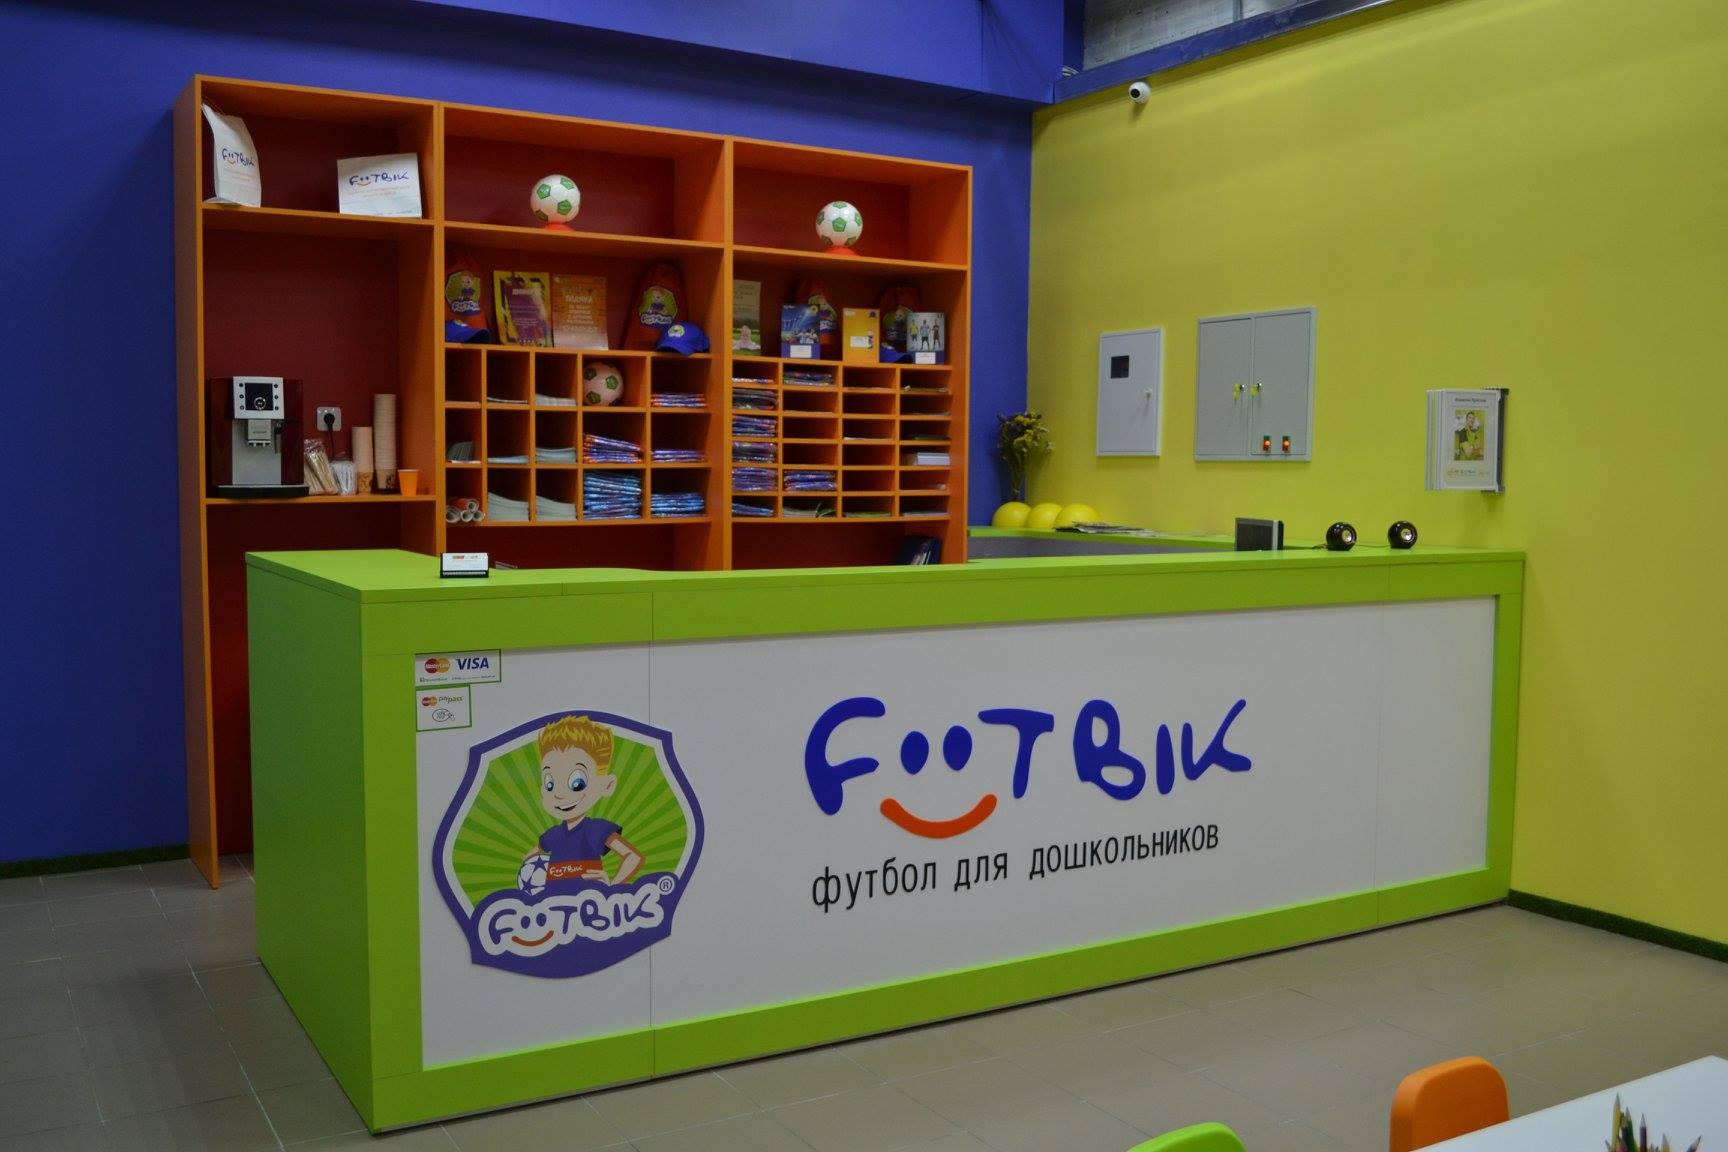 """Добро пожаловать в """"Футбик"""" в г. Бровары!"""